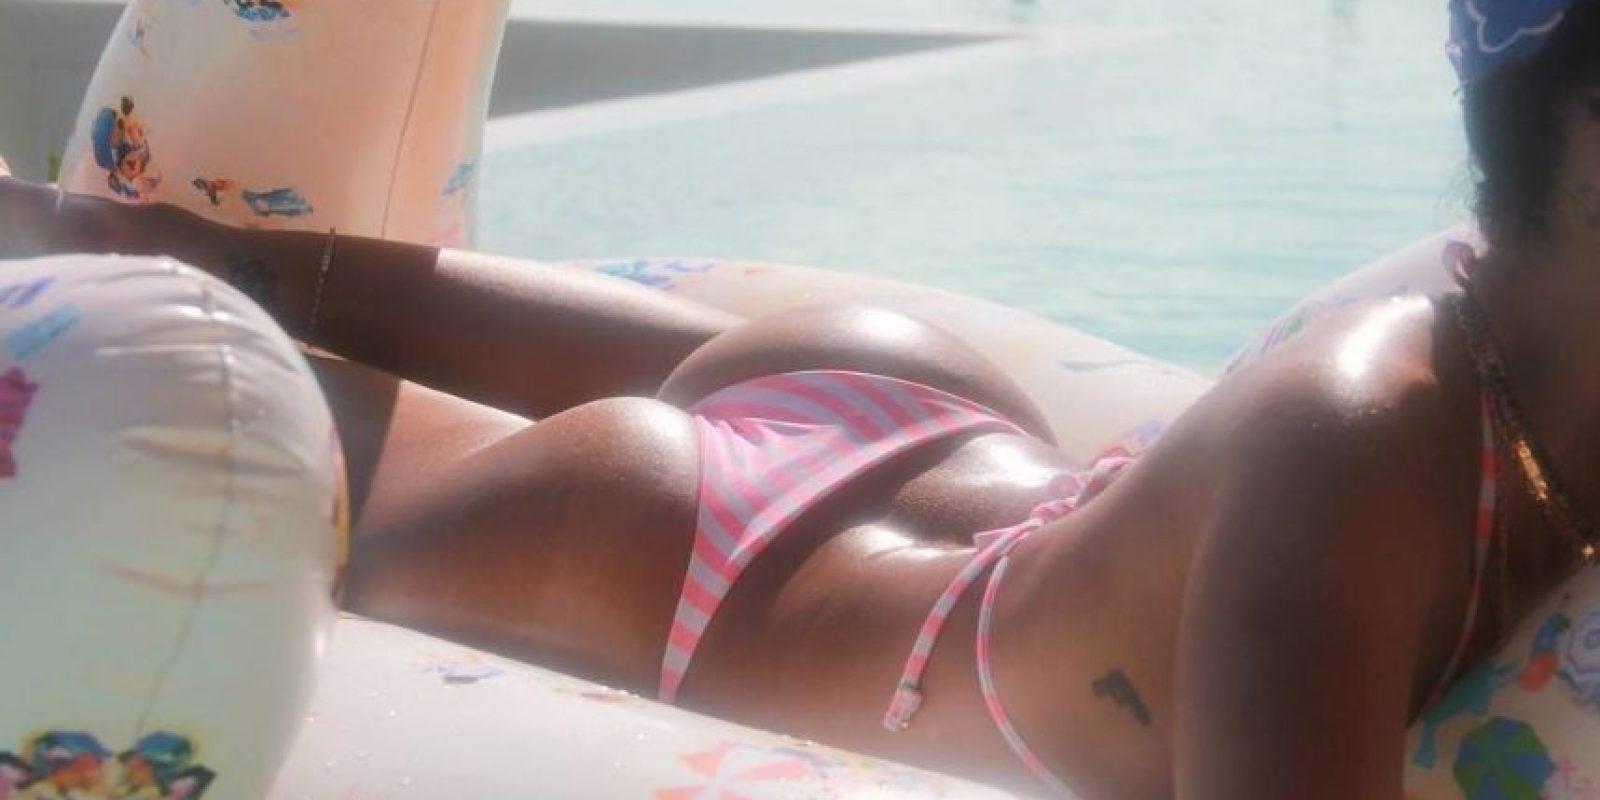 Al día siguiente mostró un bikini rosa Foto:Vía Instagram/@mdollas11. Imagen Por: